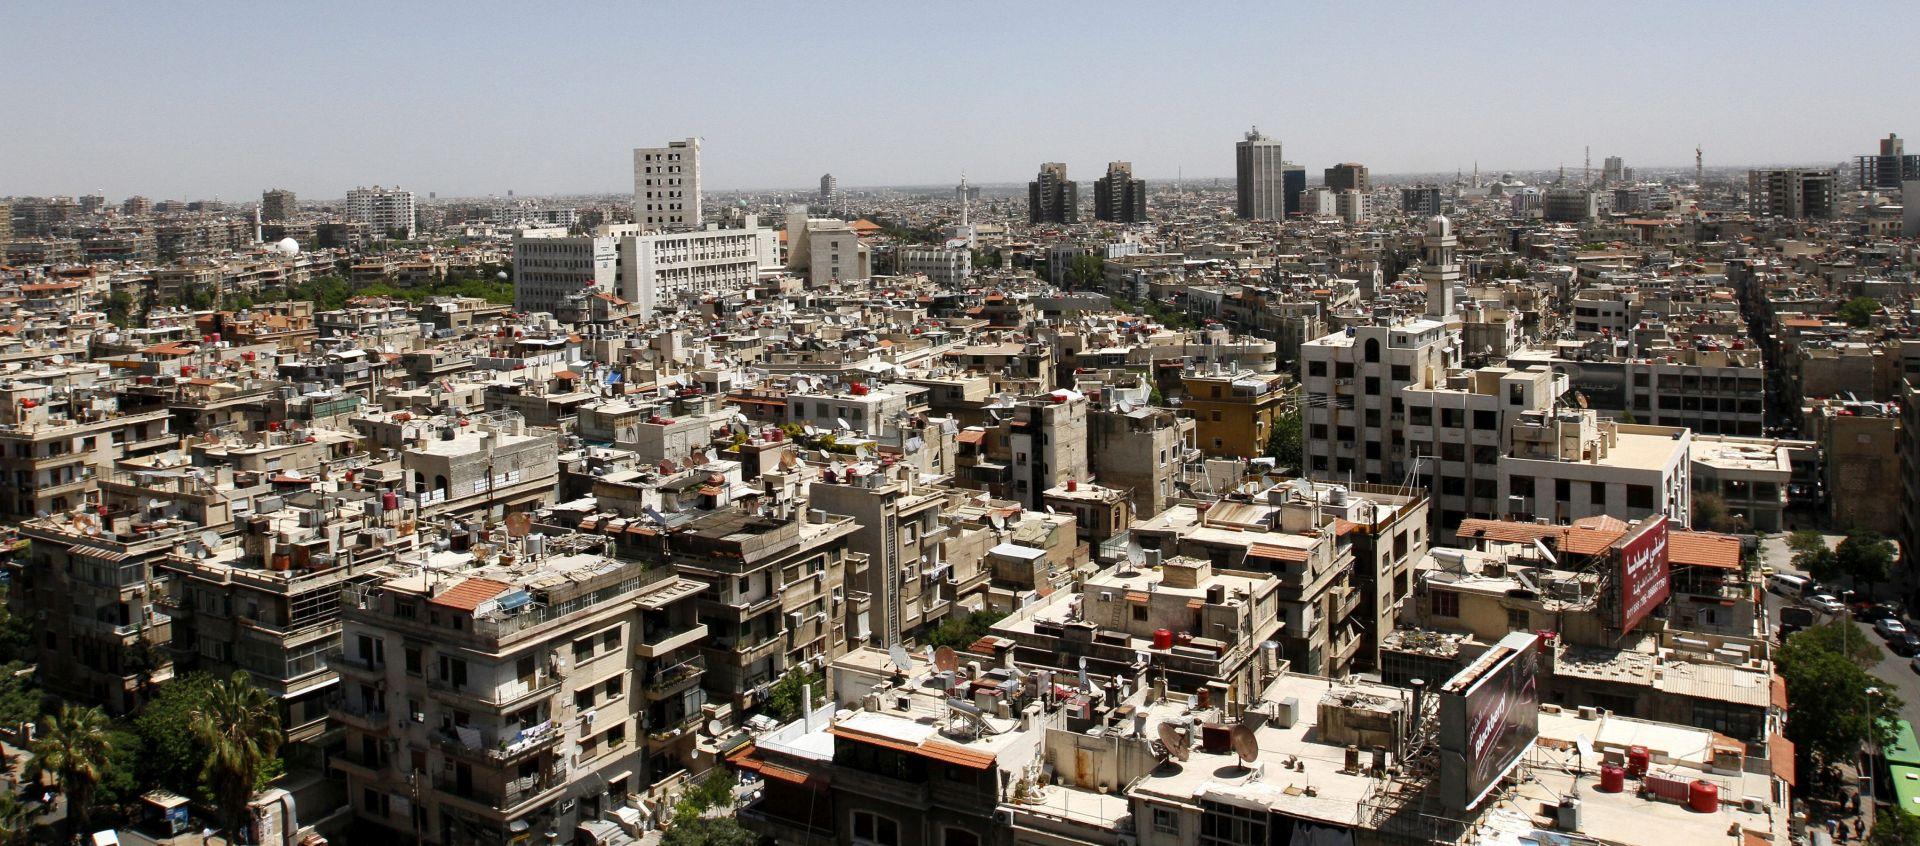 ZRAČNI NAPADI: Međunarodna koalicija priznala da je ubila 54 civila u Iraku i Siriji